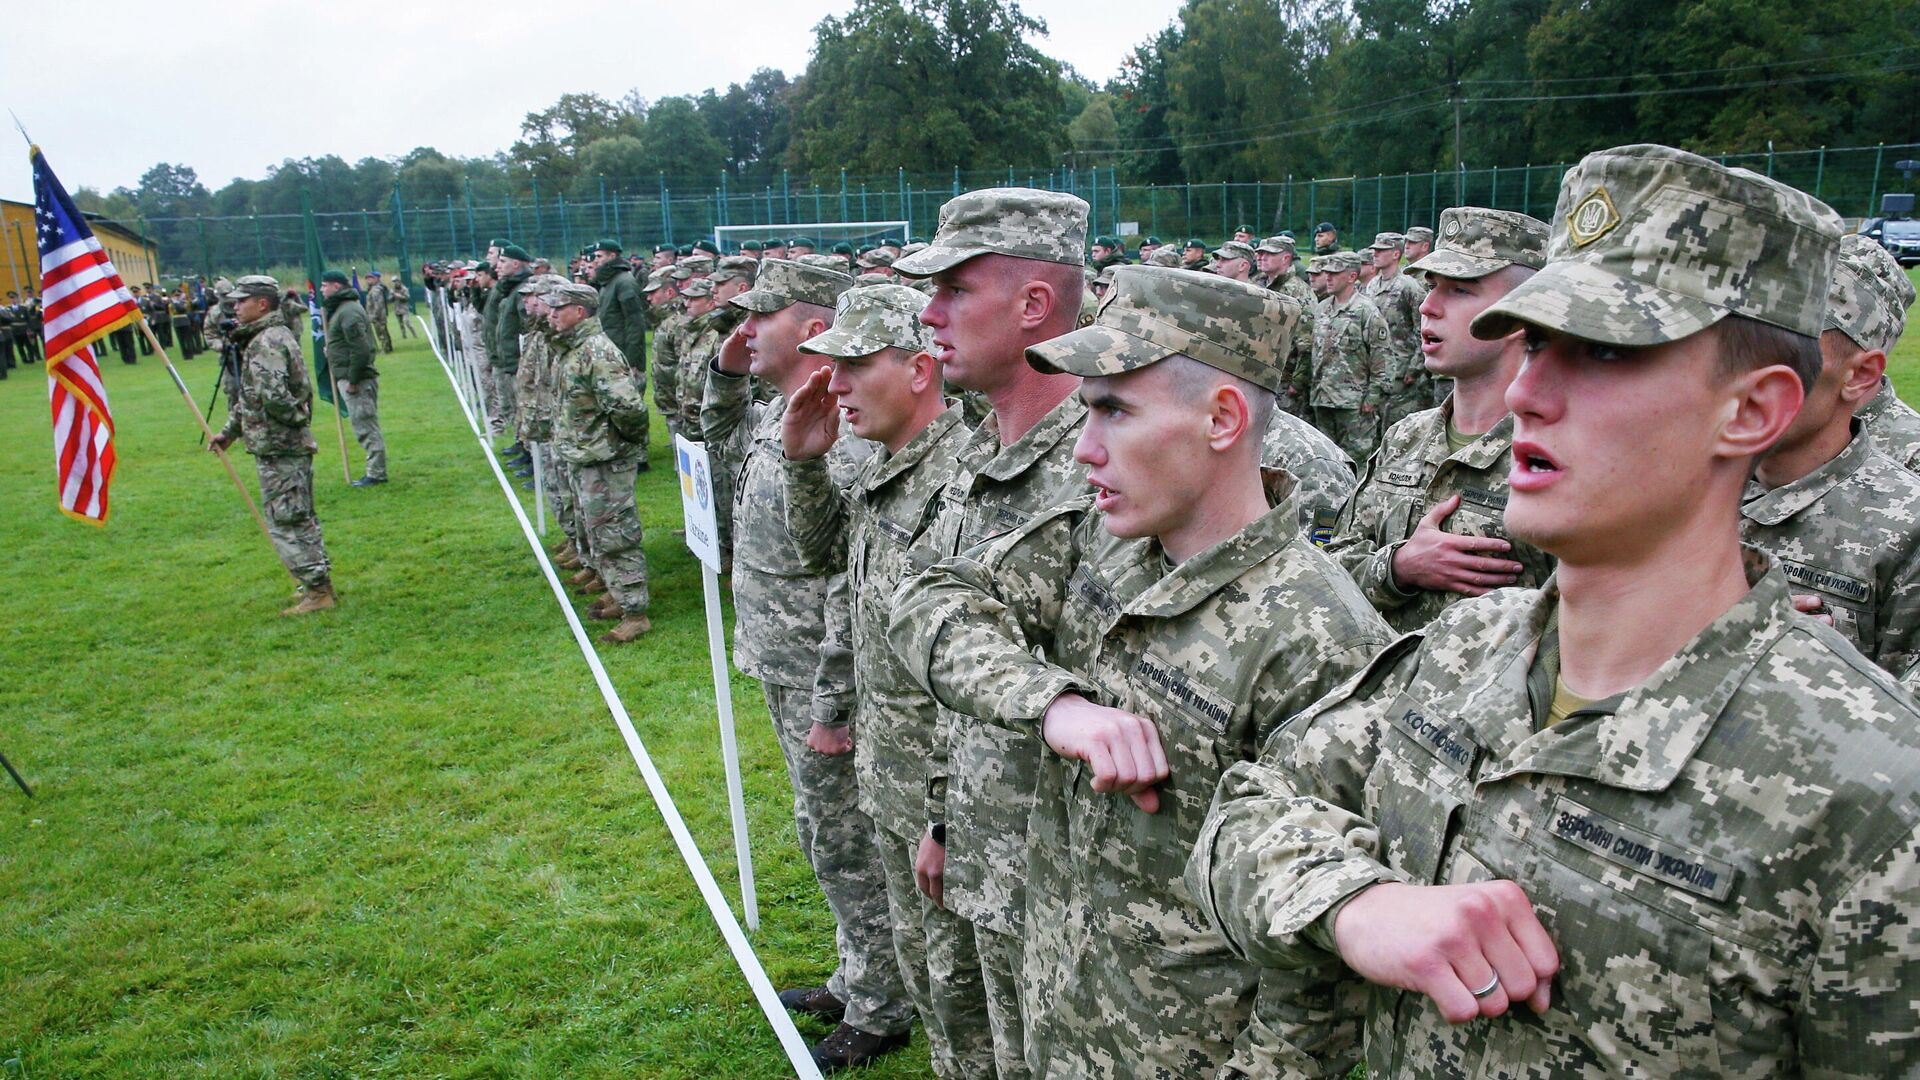 Ukraine startet Militärübungen mit Nato-Truppen  - SNA, 1920, 22.09.2021